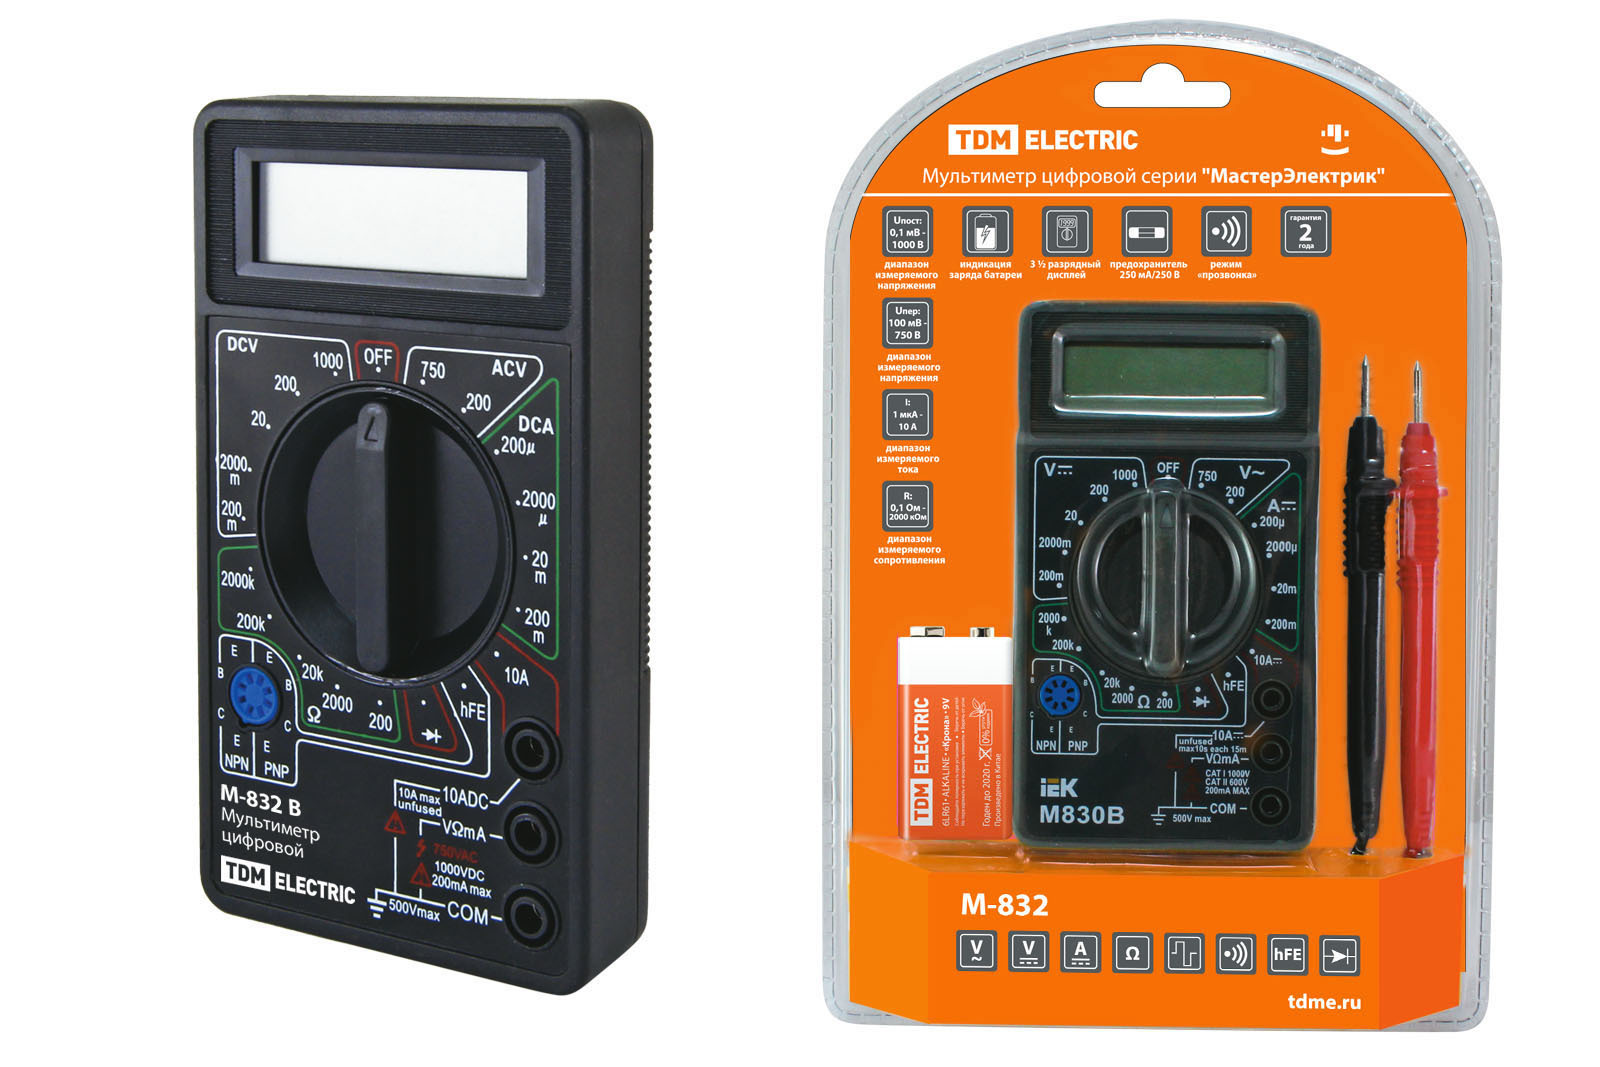 Мультиметр Tdm Sq1005-0003